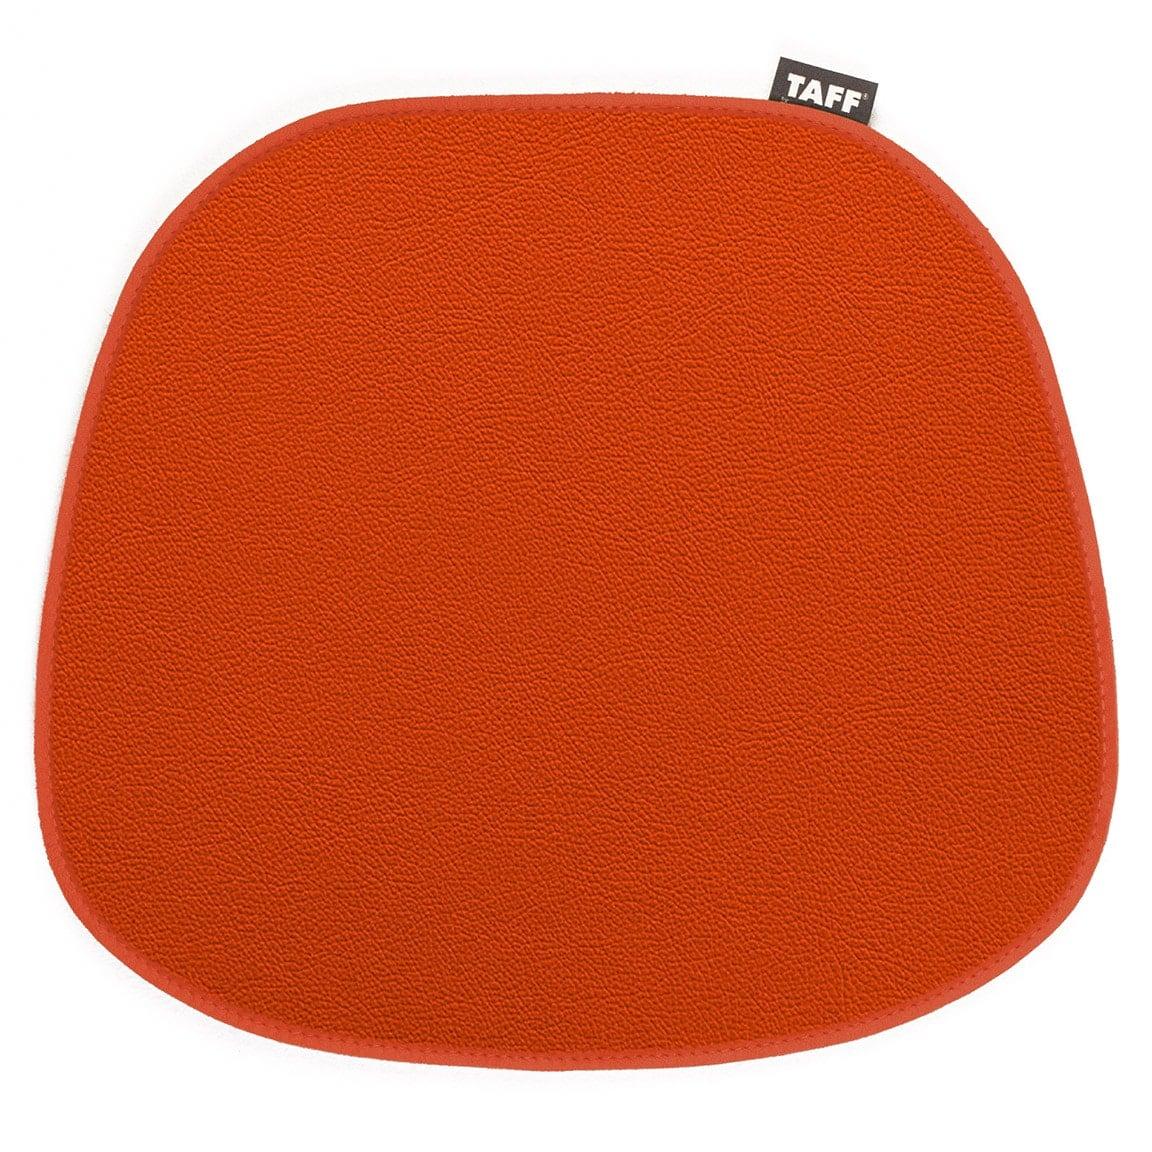 Sitzkissen-Nappa-Leder-Side-Chair-poppy_red#03